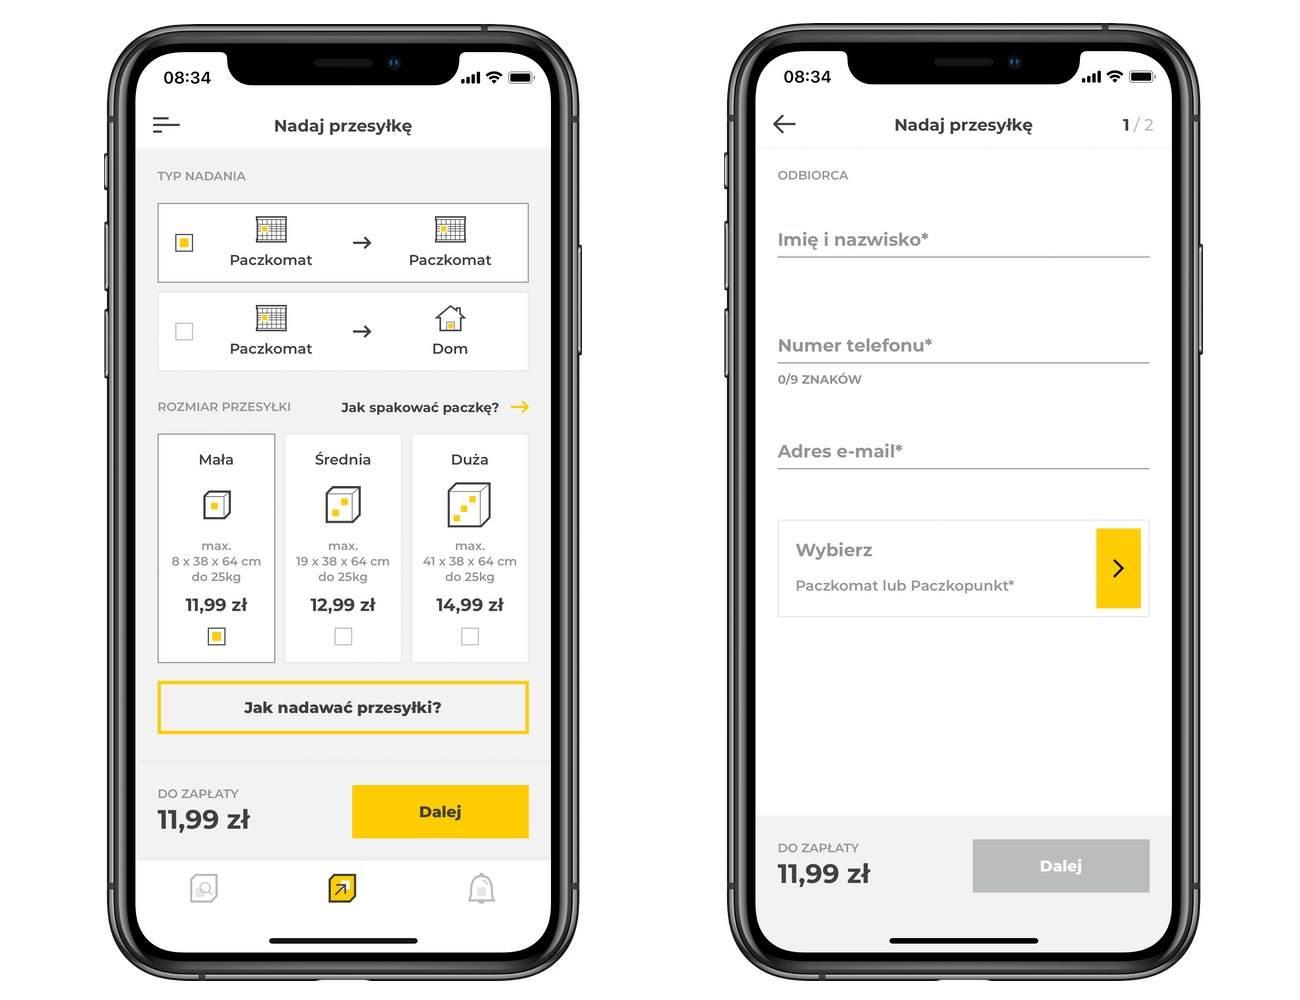 Nadawanie paczki bezpośrednio z aplikacji InPost Mobile polecane, ciekawostki nadanie paczki z aplikacji InPost, nadanie paczki bezpośrednio z aplikacji InPost, jak nadac paczke z iPhone, jak nadać paczkę z InPost, iNpost  Nowa wersja InPost na iOS wprowadza opcję nadania paczki bez etykiety bezpośrednio w aplikacji. inPost 1